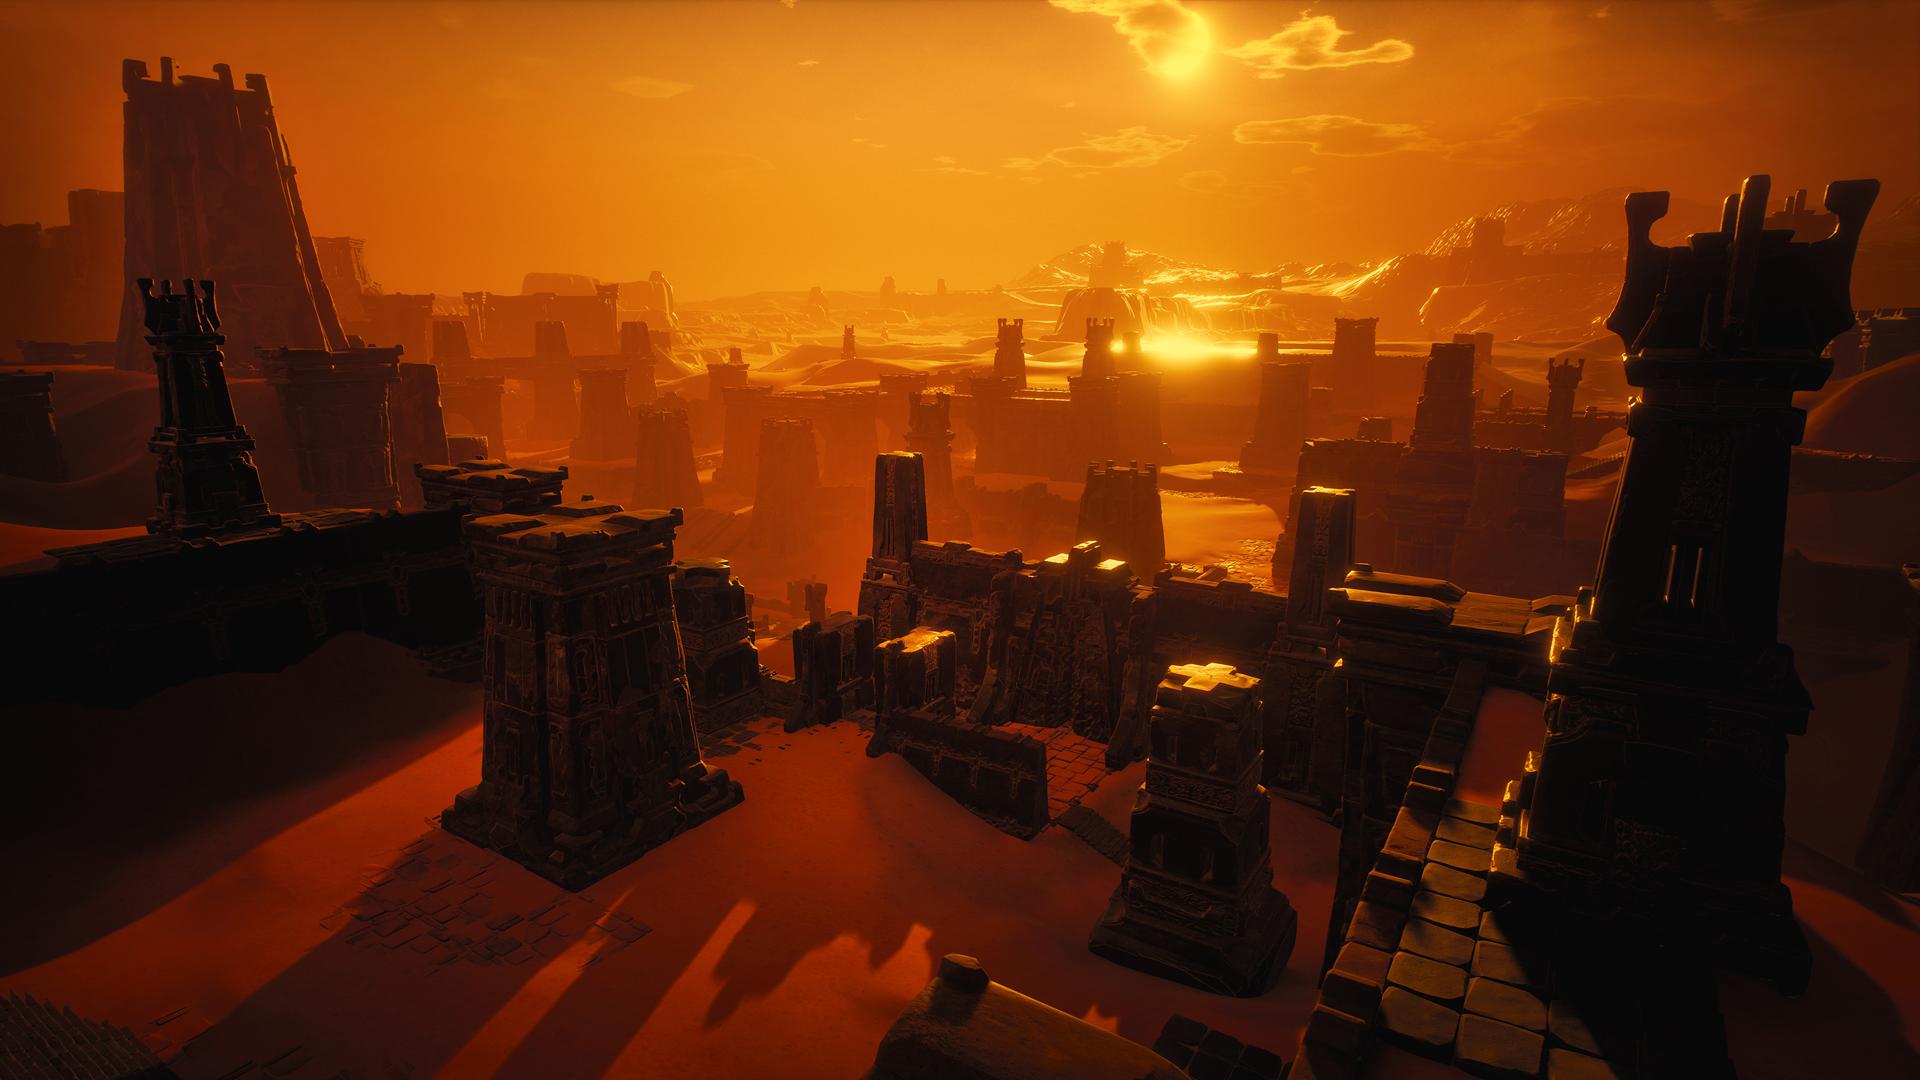 流放者柯南(Conan Exiles)免安装简繁中文绿色版 DLC 升级档 网盘下载